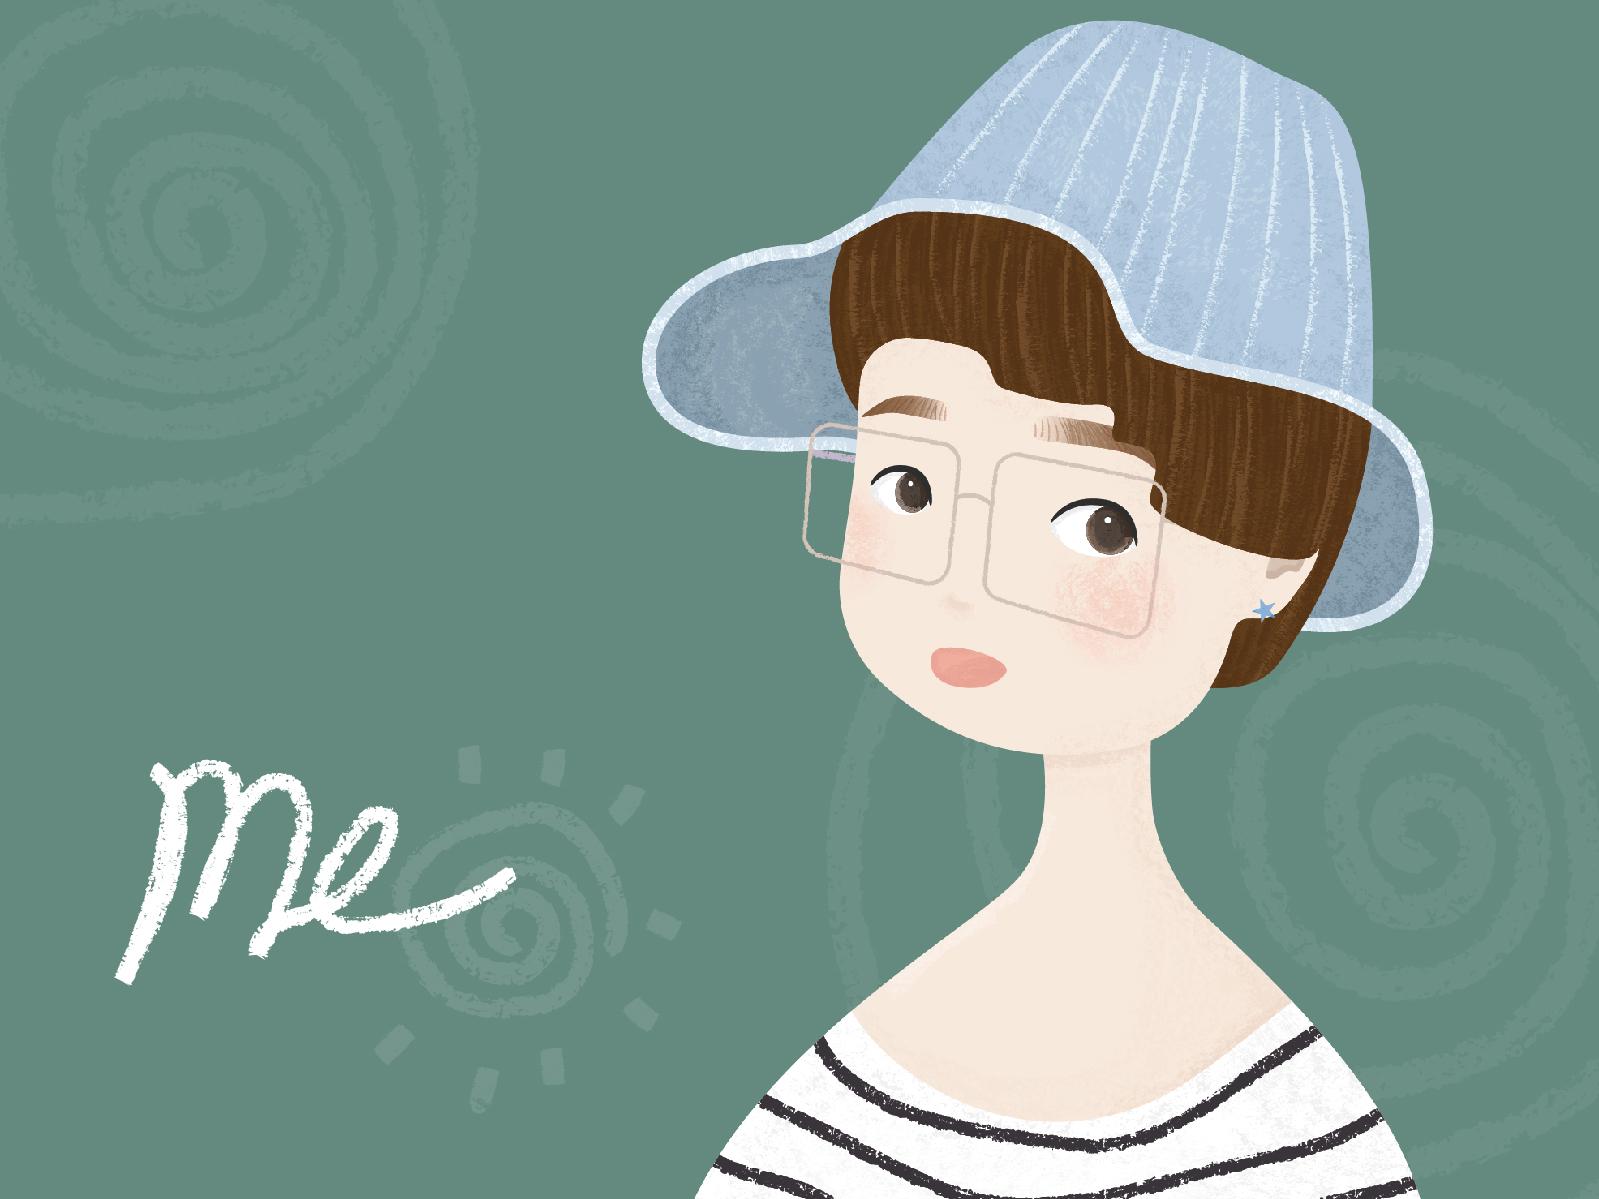 Illustration Challenge - Day 1 - Me illustration